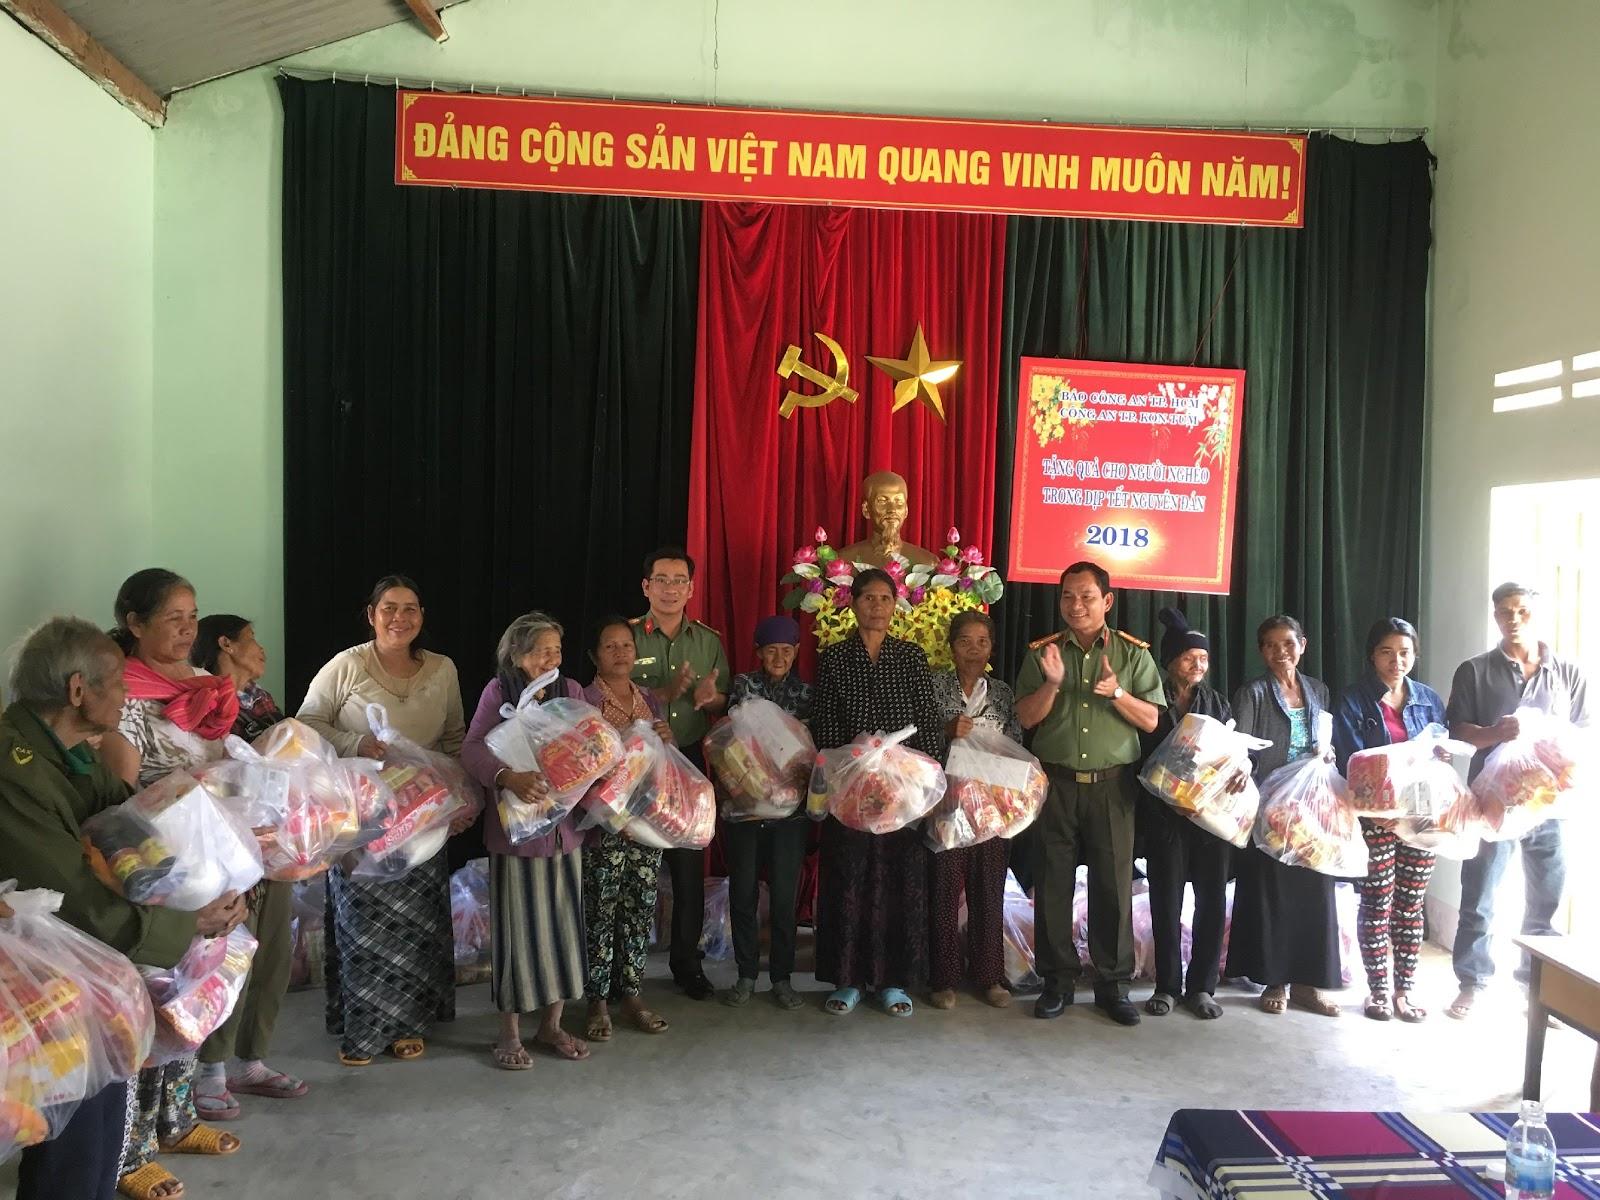 Description: C:UsersAdministratorDownloadsĐại diện lãnh đạo,CBCS Công an thành phố Kon Tum trao quà cho các hộ dân tại 2 làng Kon Rờ Bàng 1 và 2, xã Vinh Quang, thành phố Kon Tum (ảnh Thái Trinh).JPG